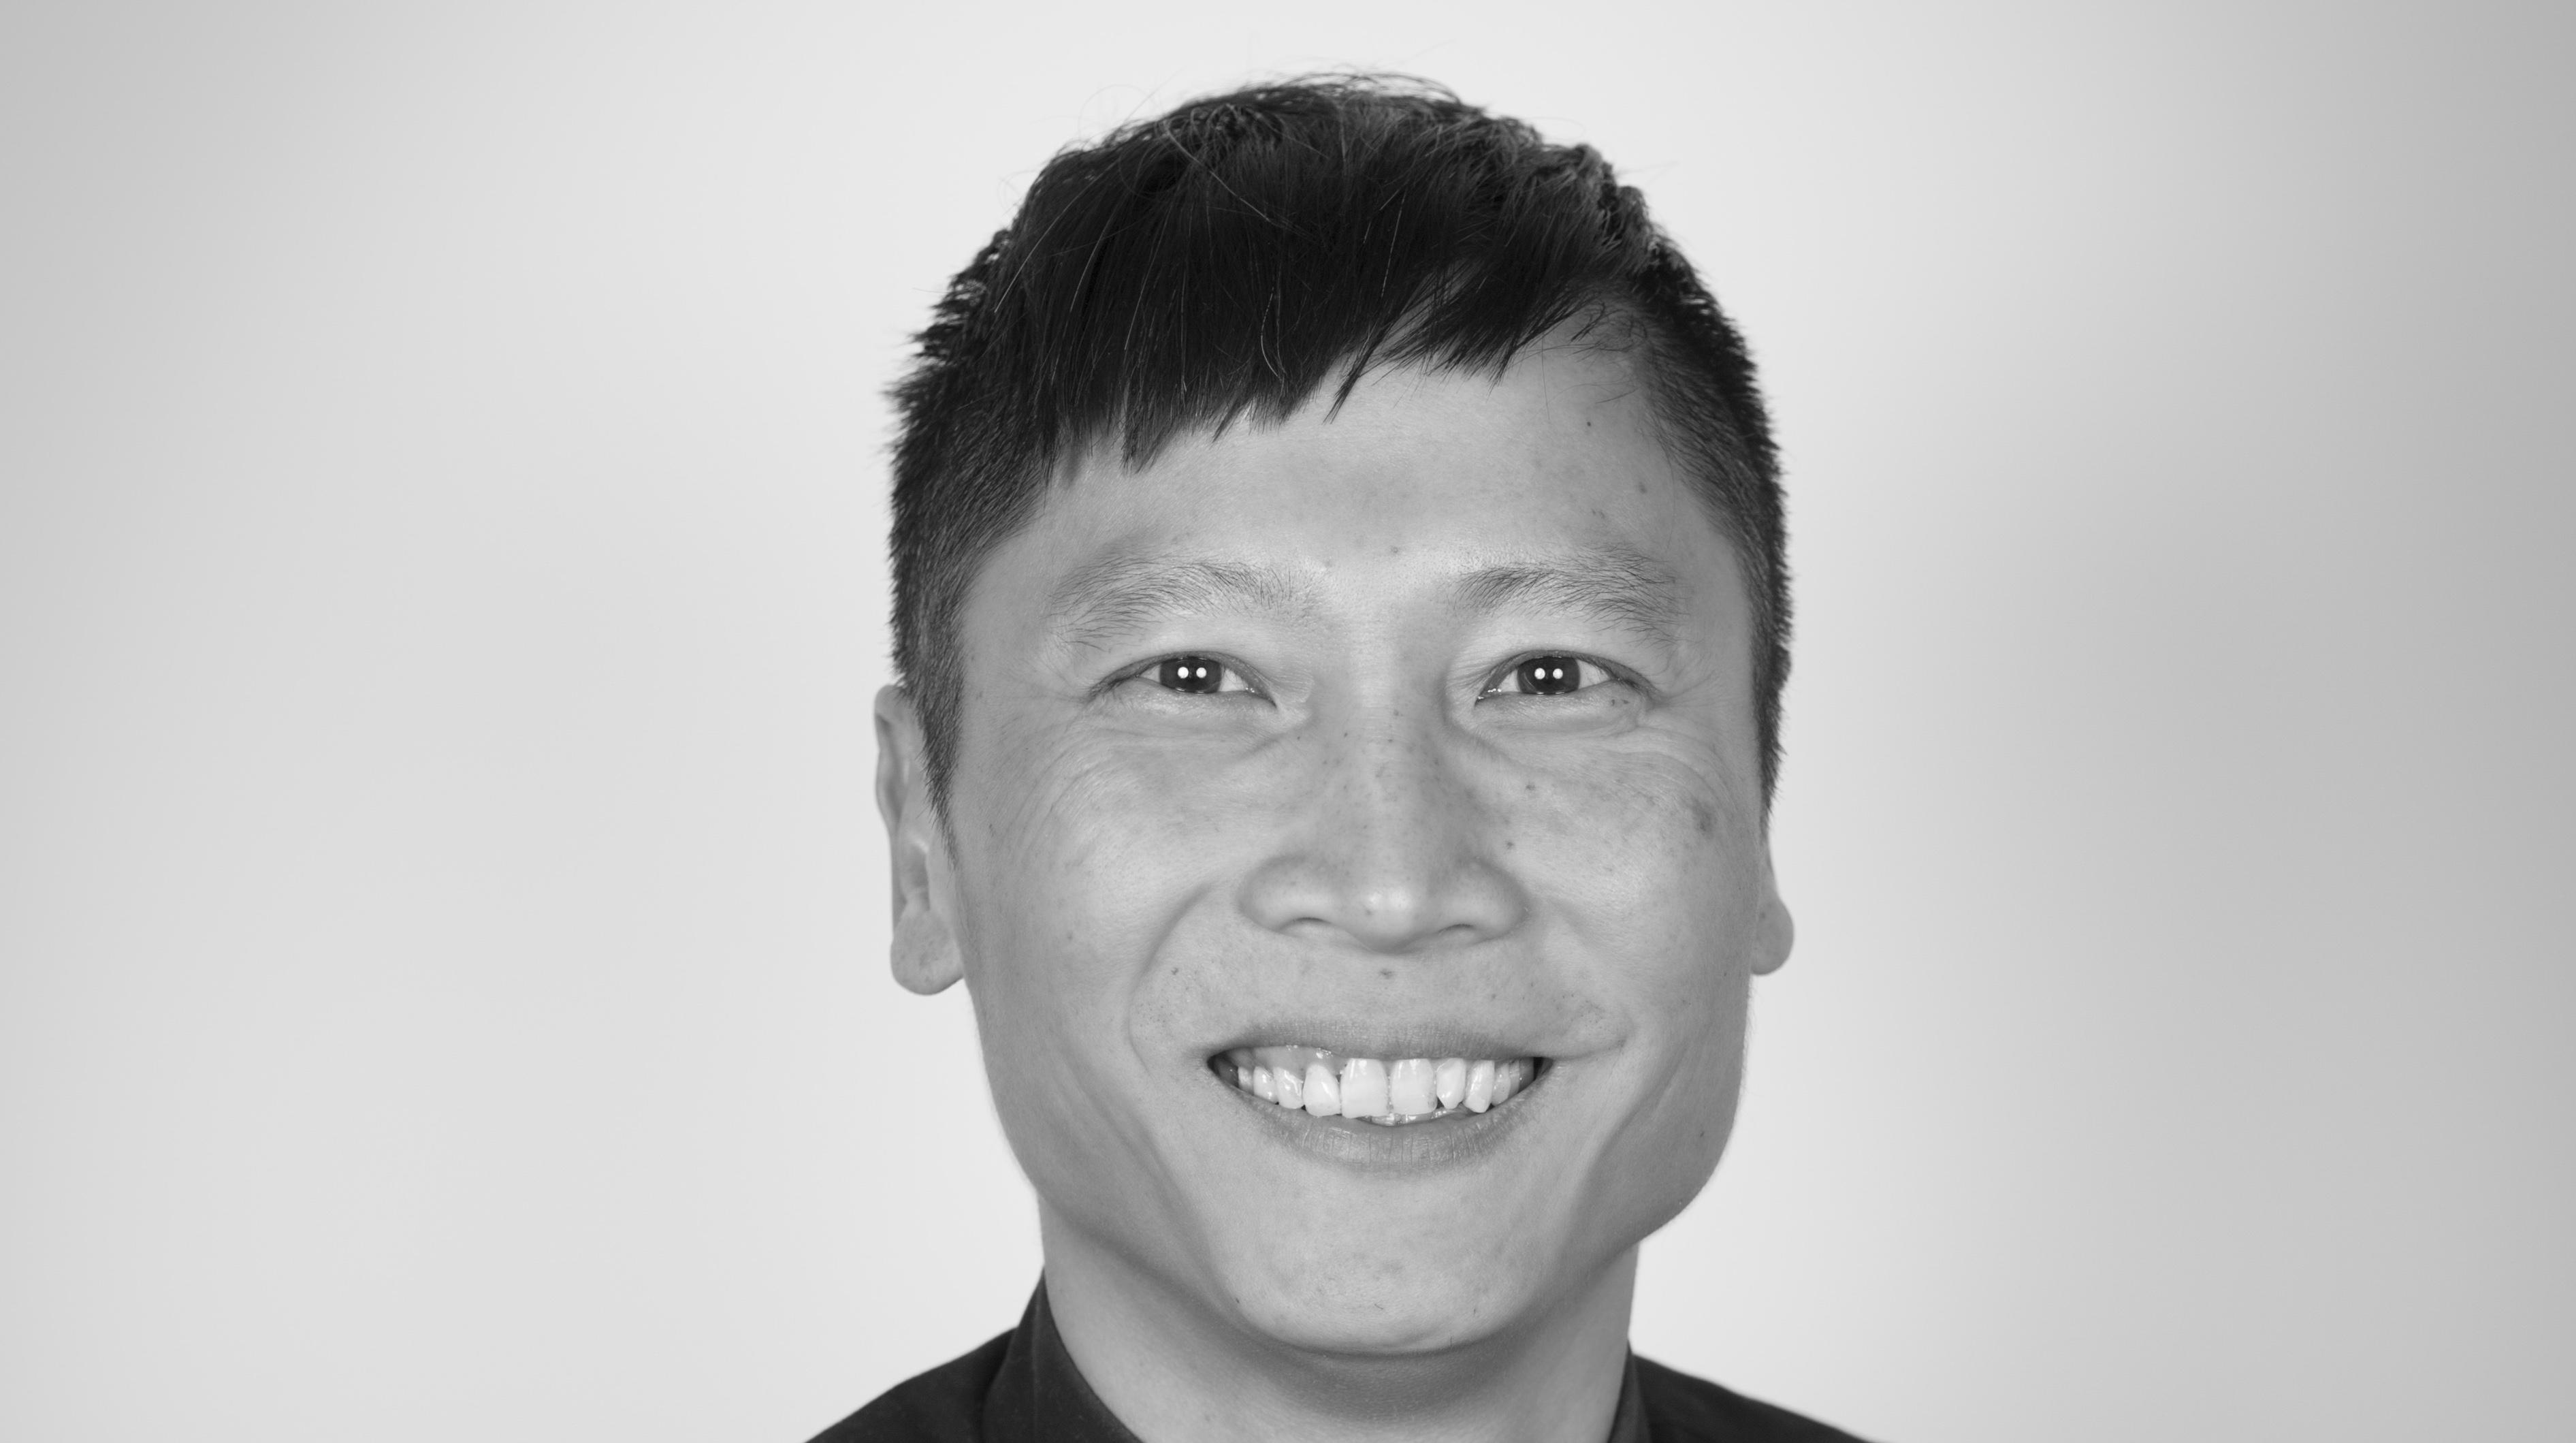 Fabian Kong